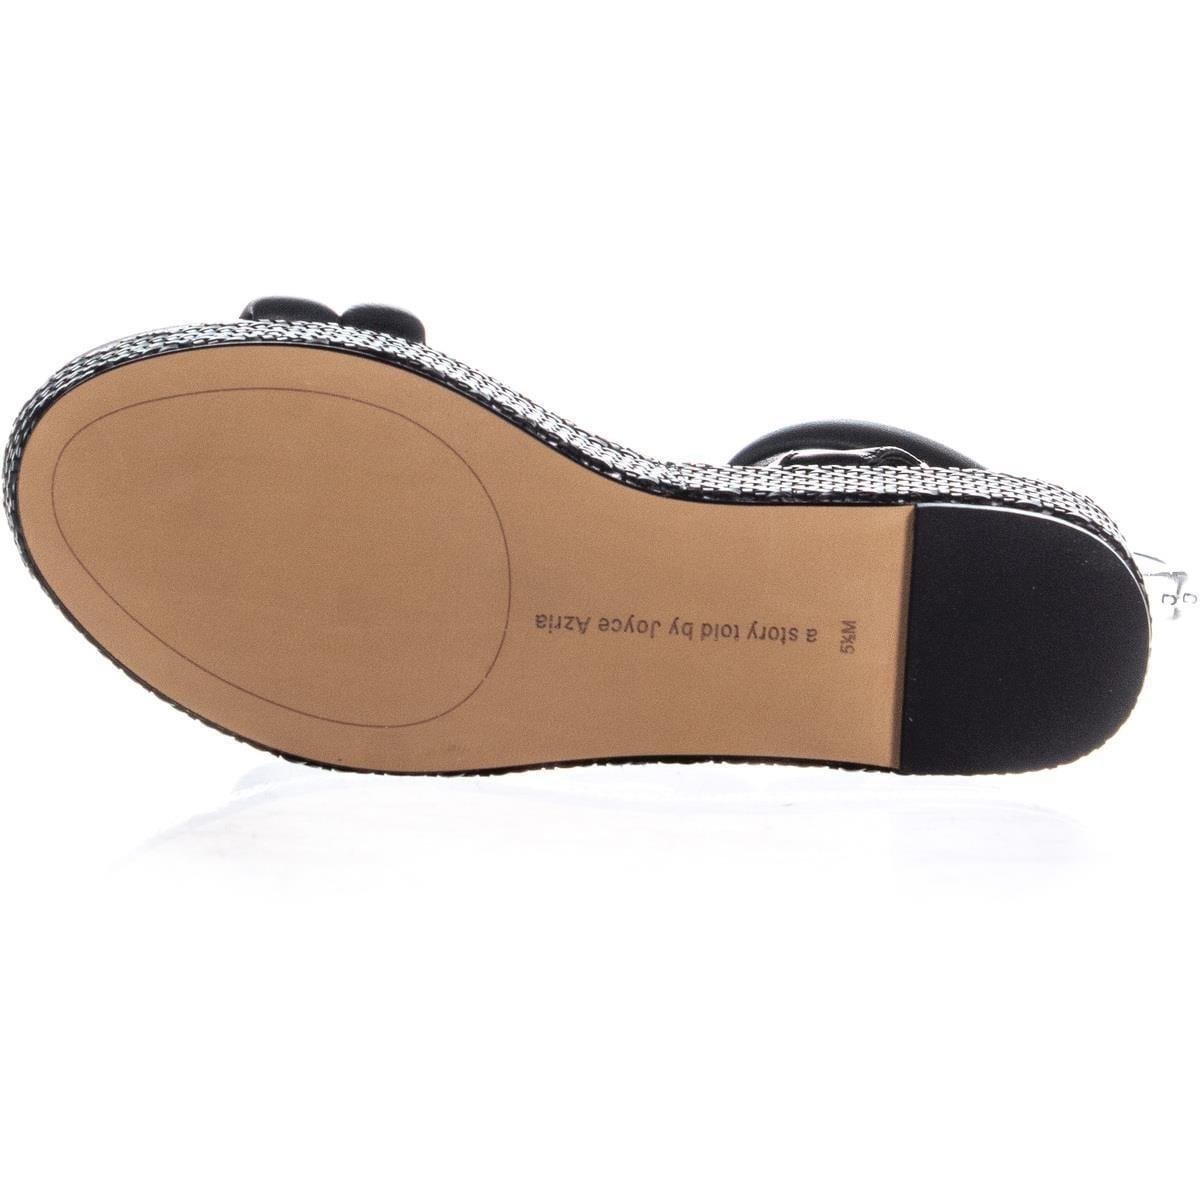 4a87a6240dad Shop Avec Les Filles Ava Ankle Strap Platform Sandals